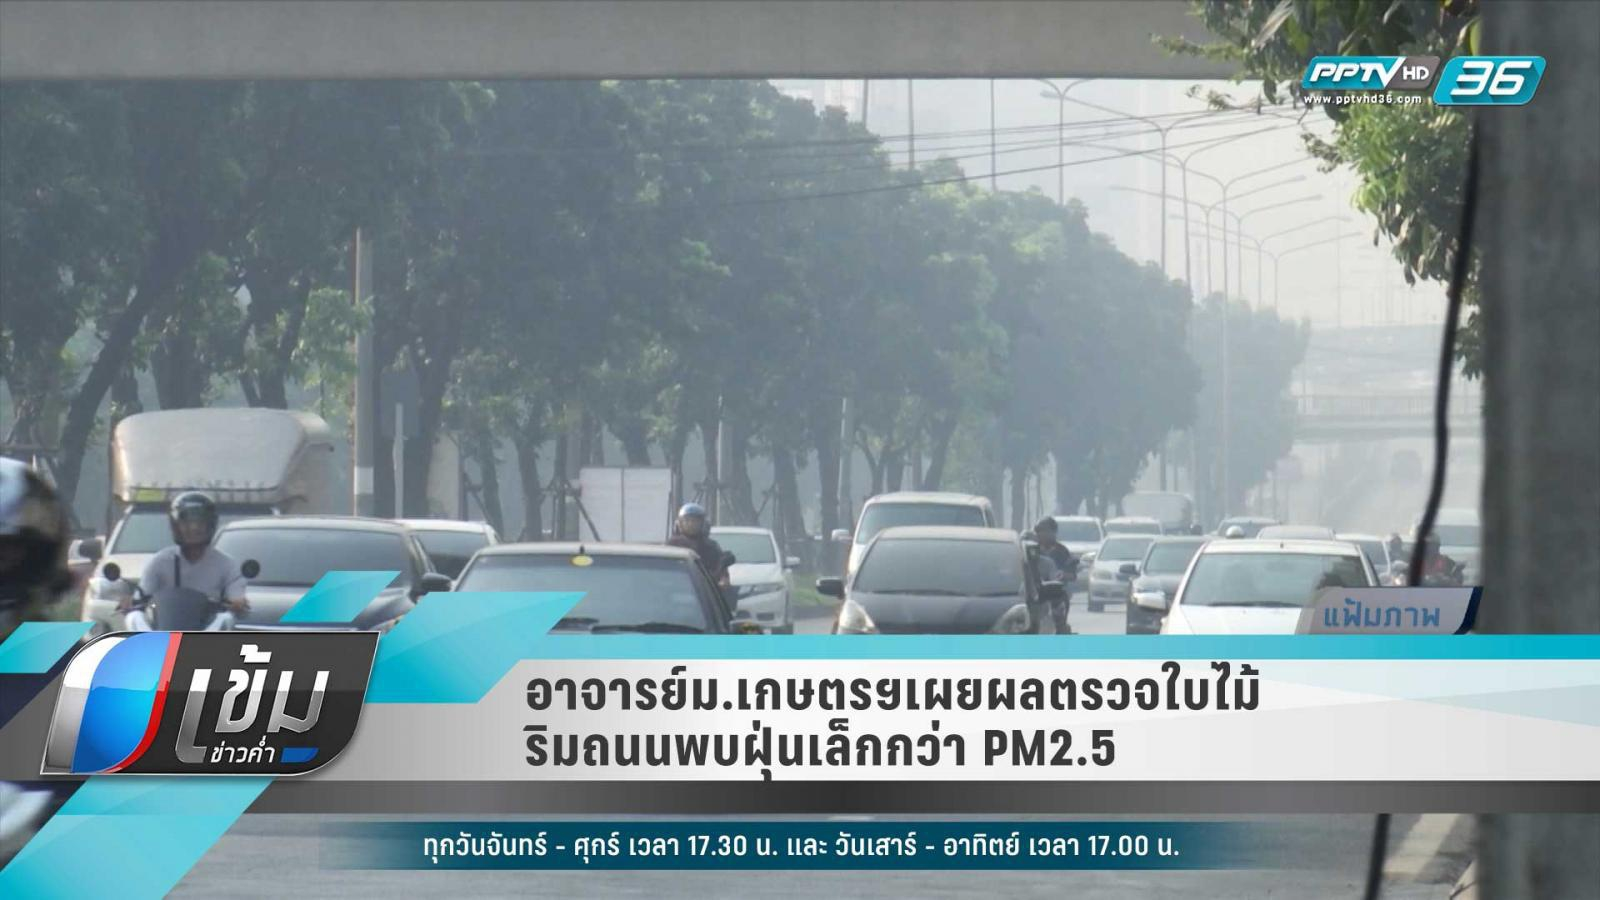 อาจารย์ม.เกษตรฯเผยผลตรวจใบไม้ริมถนนพบฝุ่นเล็กกว่า PM2.5